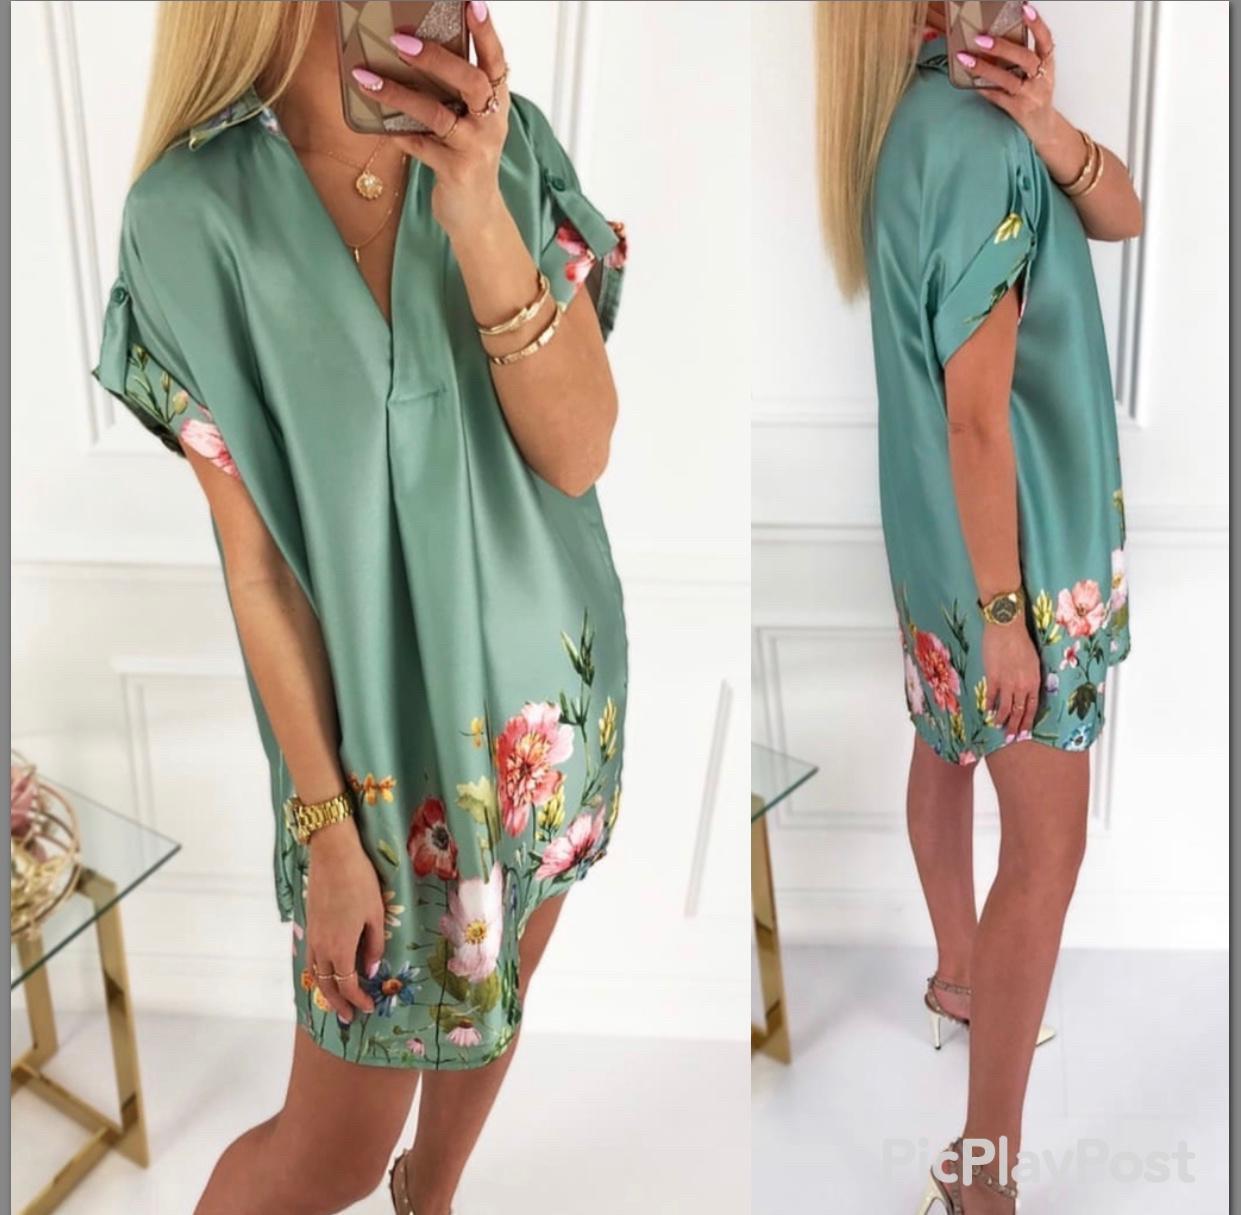 Шелковое платье с цветочным принтом Турция зеленое